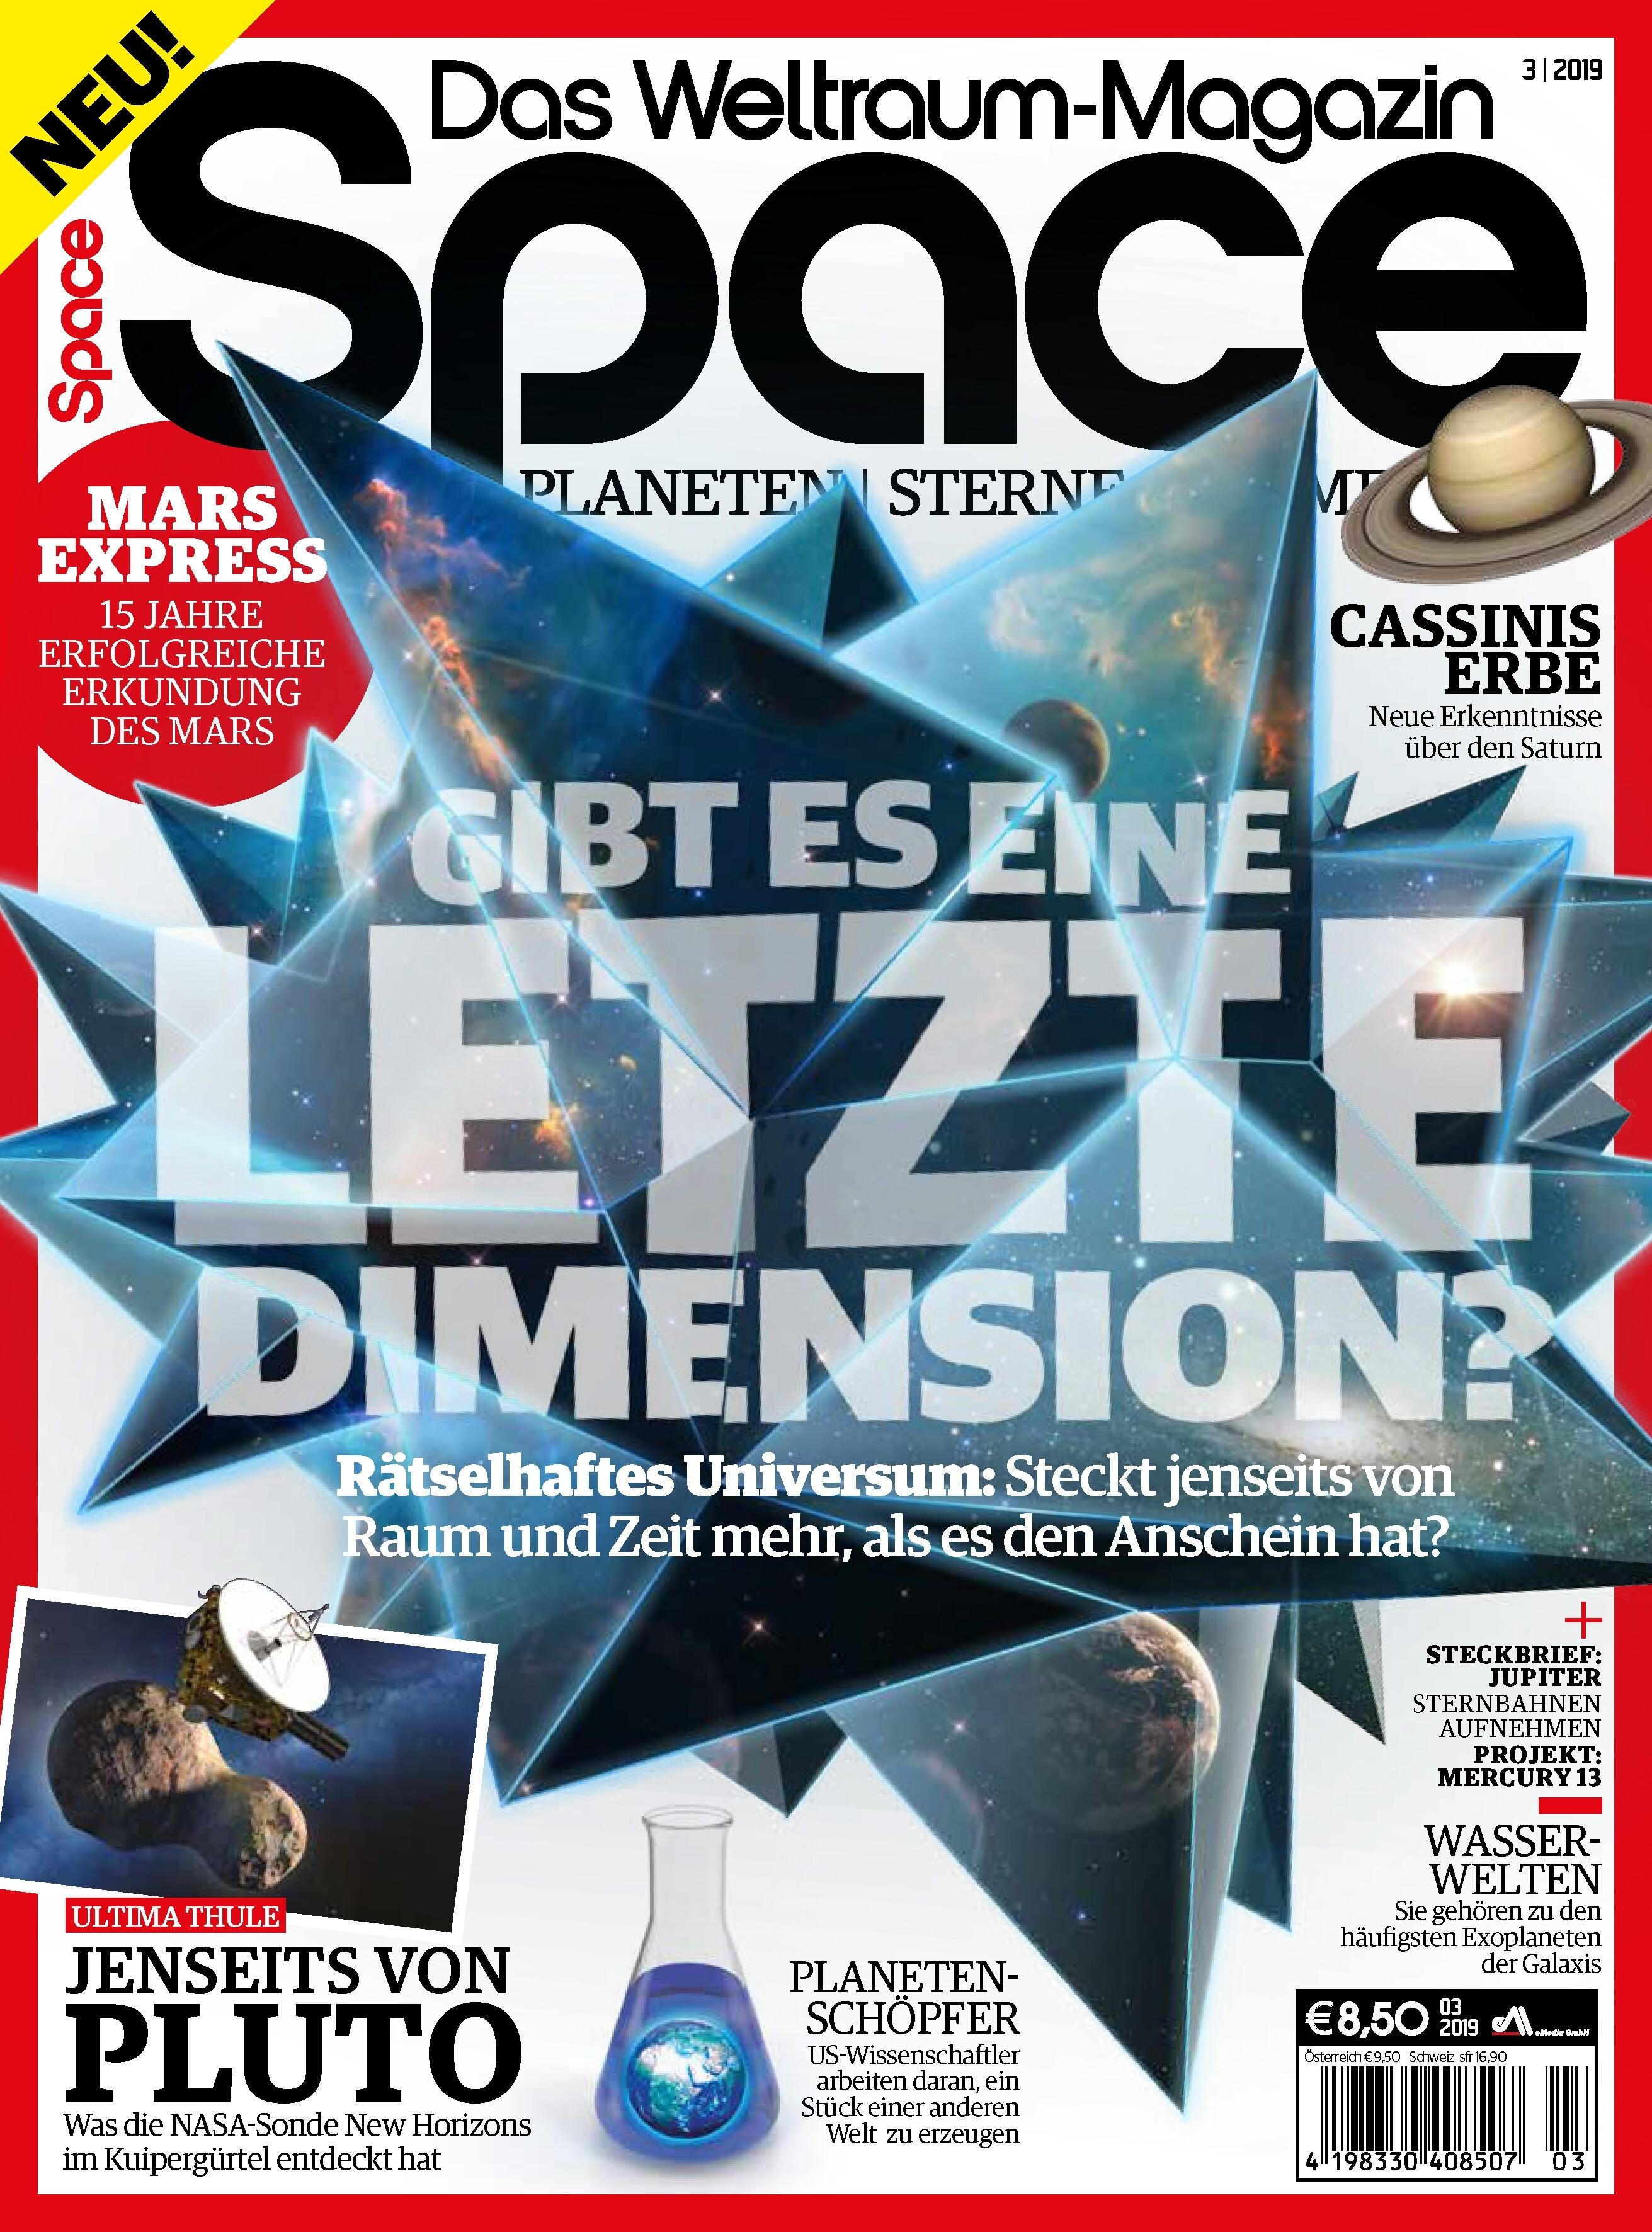 Space Weltraum Magazin 03/2019